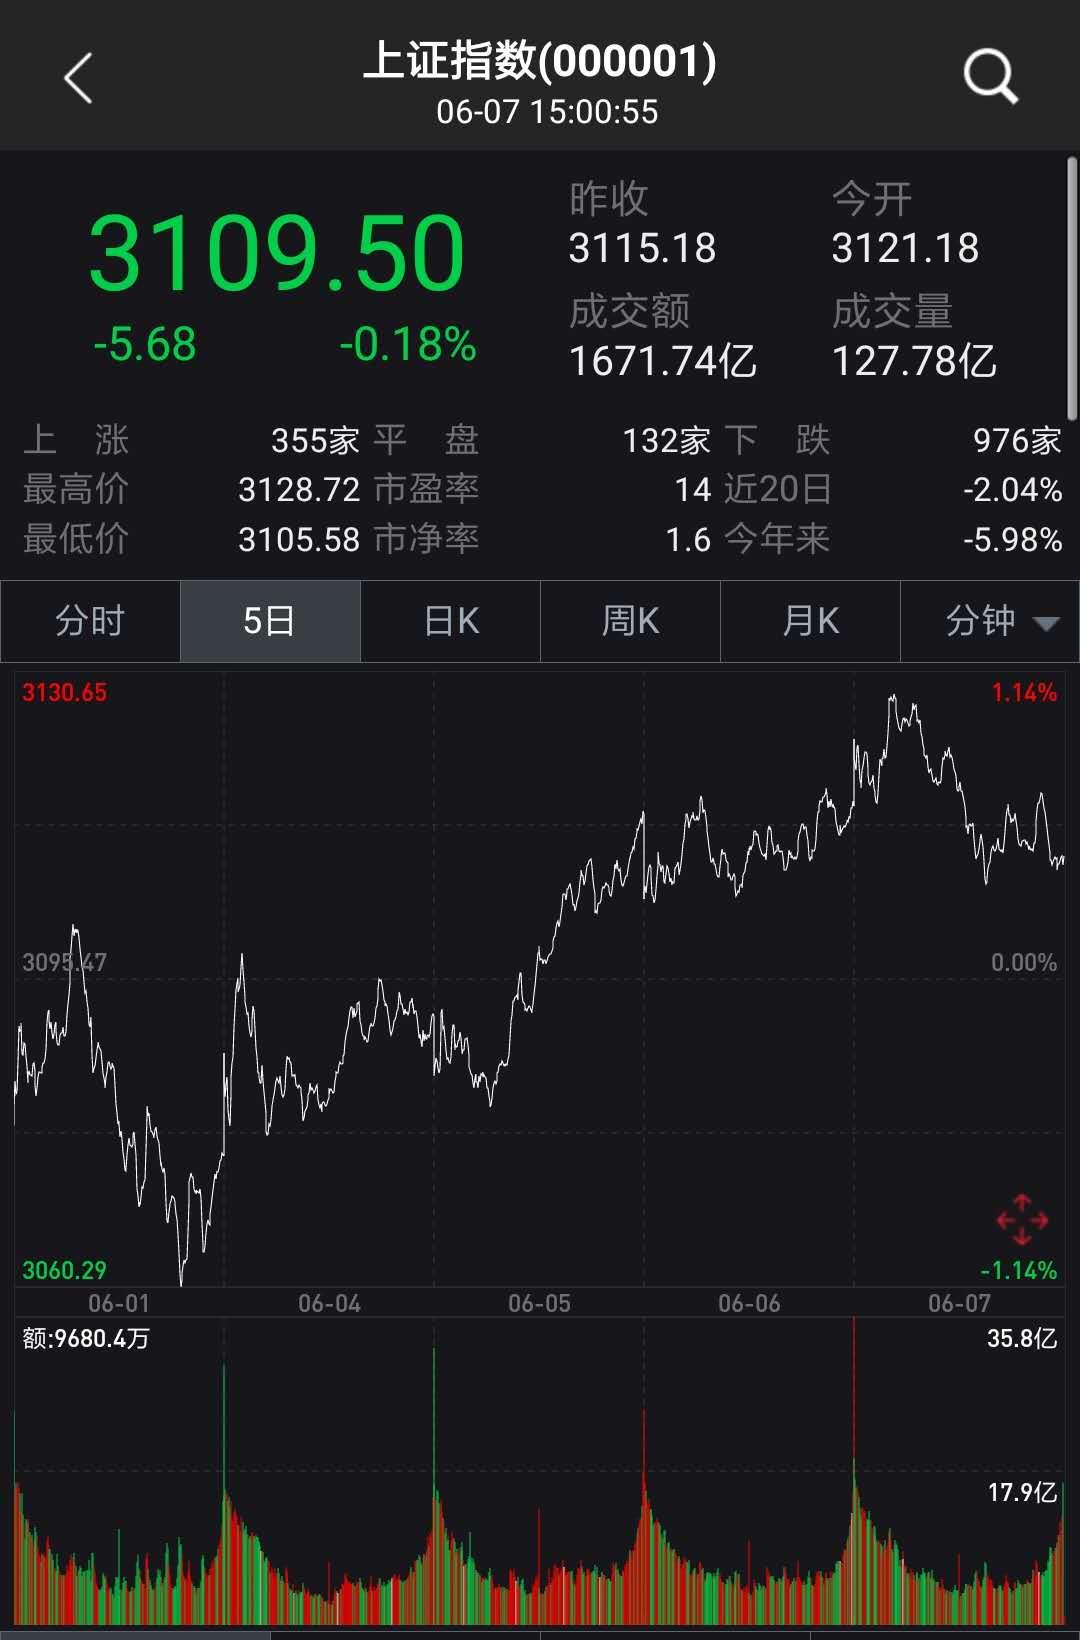 """6月首周A股震荡上涨,那些""""下跌魔咒""""还会现身吗?"""